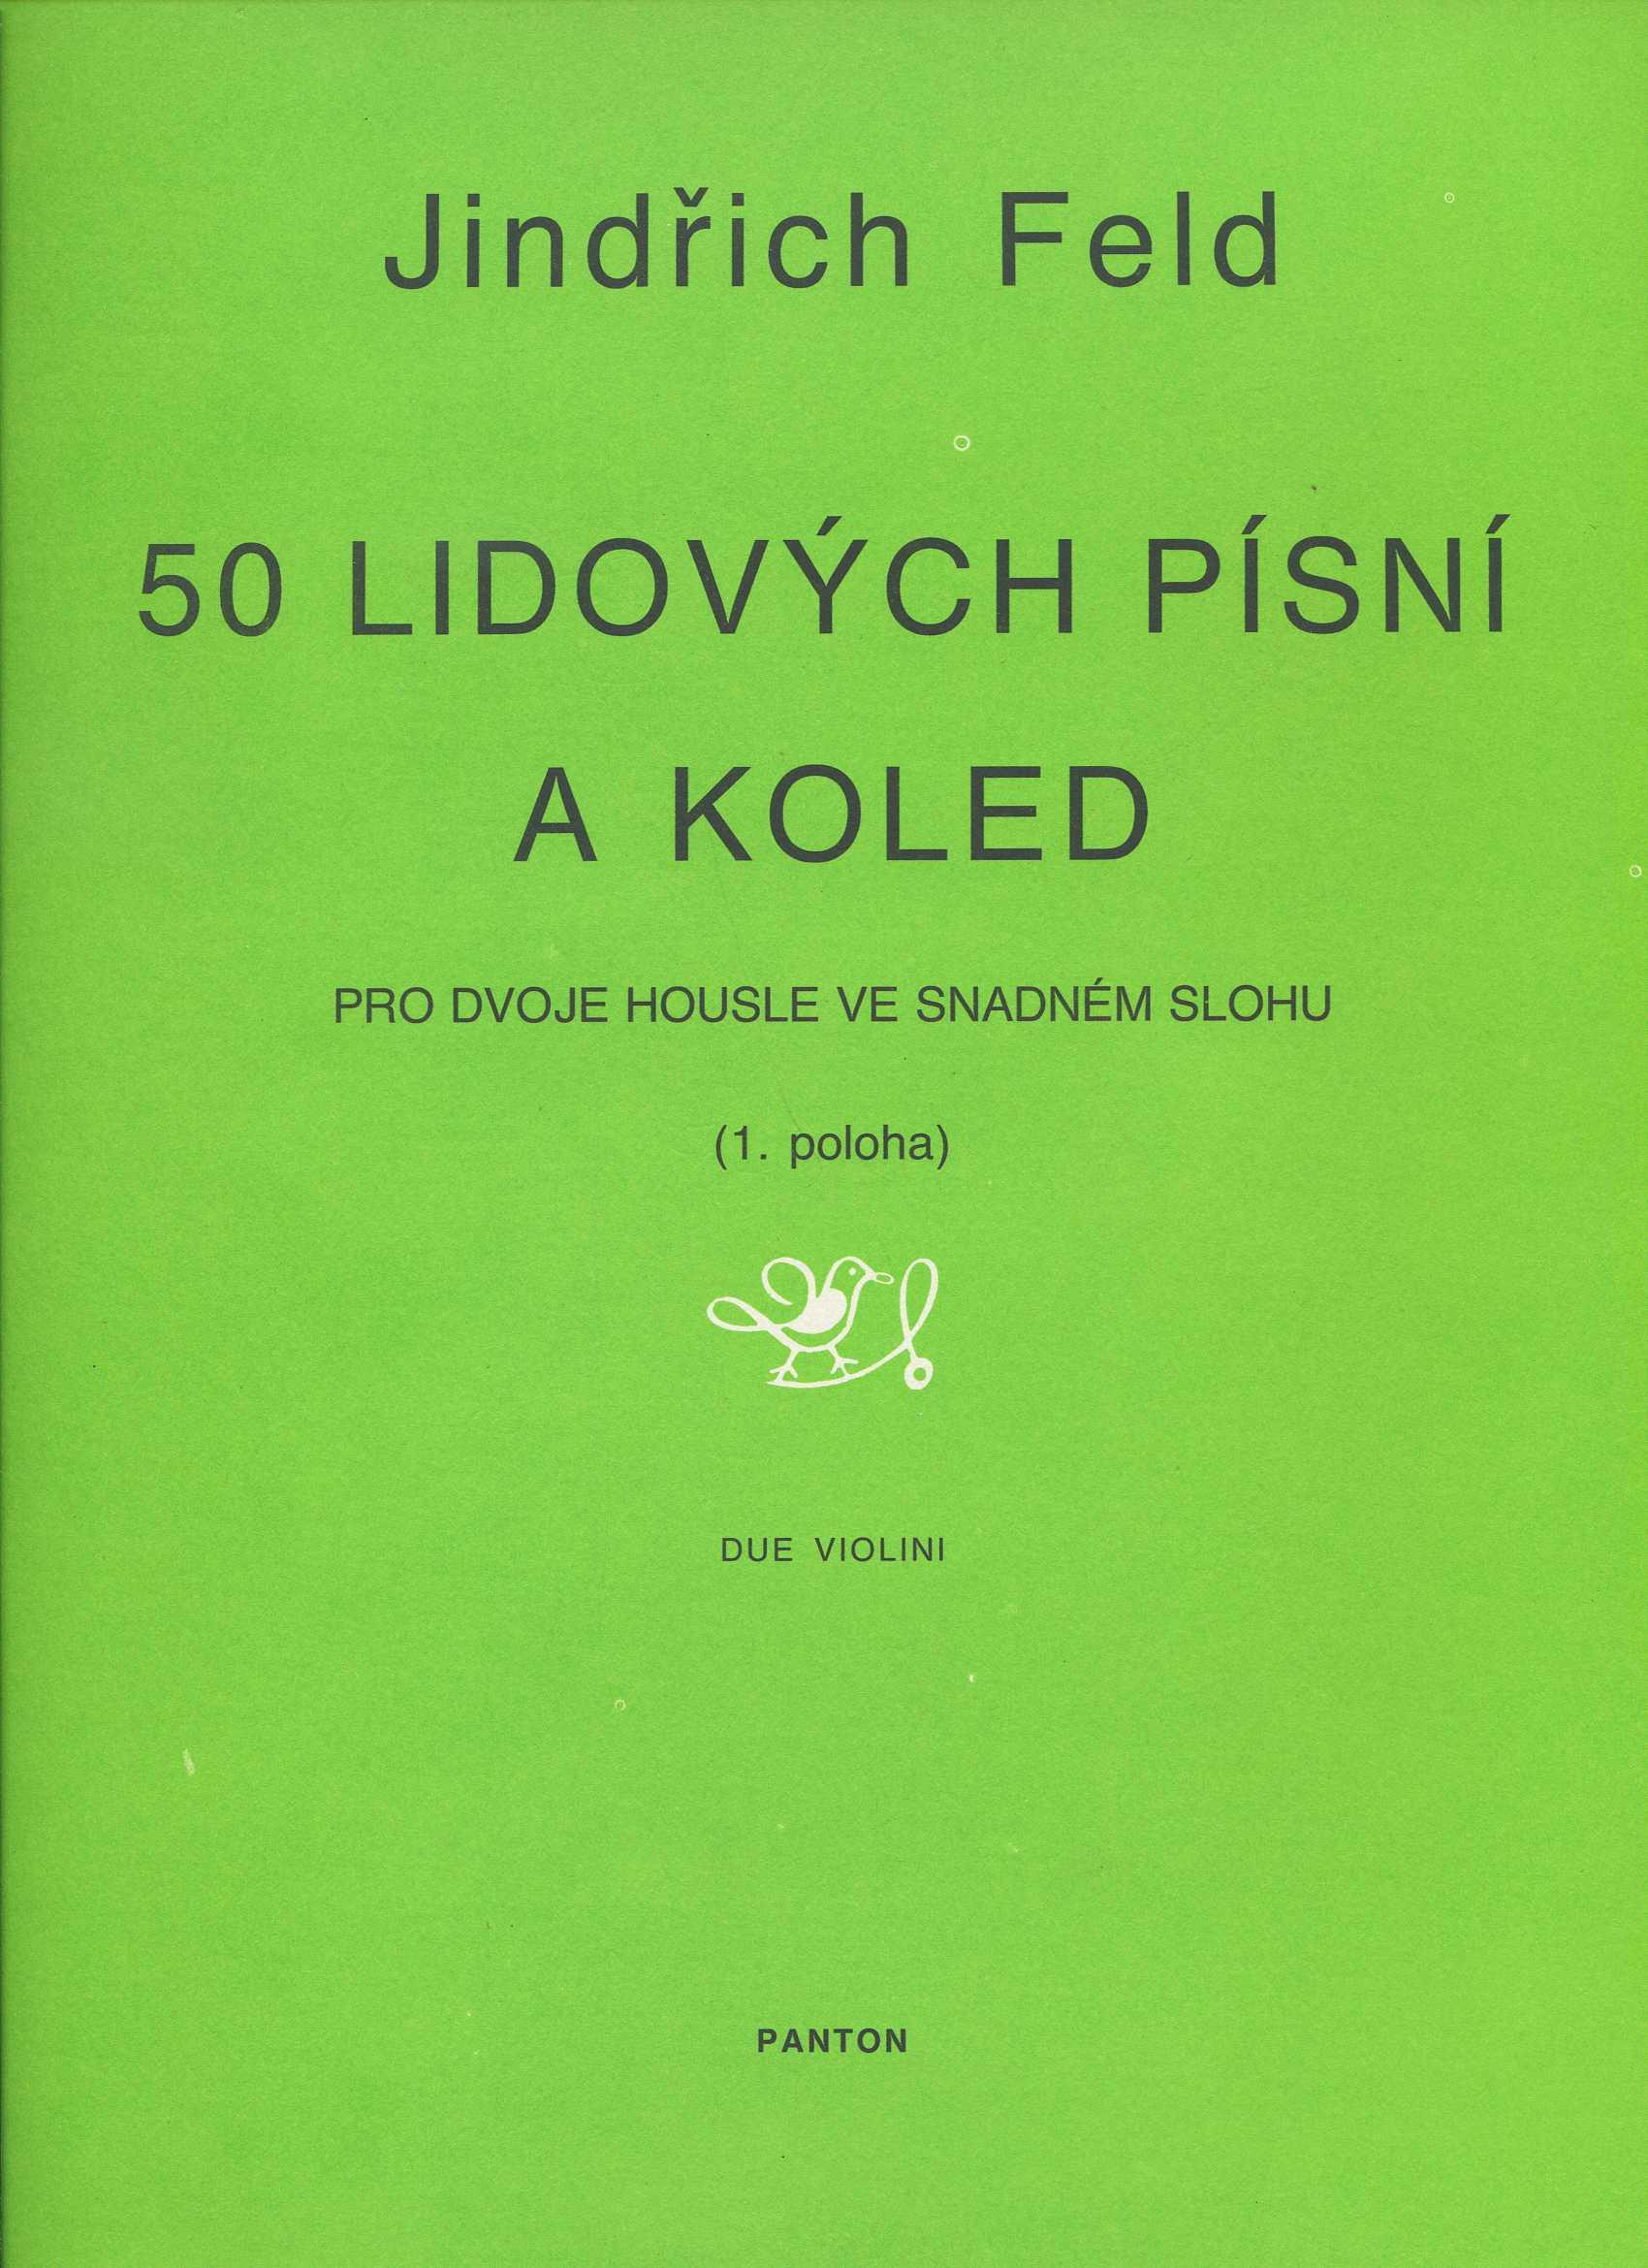 50 lidových písní a koled - pro dvoje housle ve snadném slohu / 1. poloha